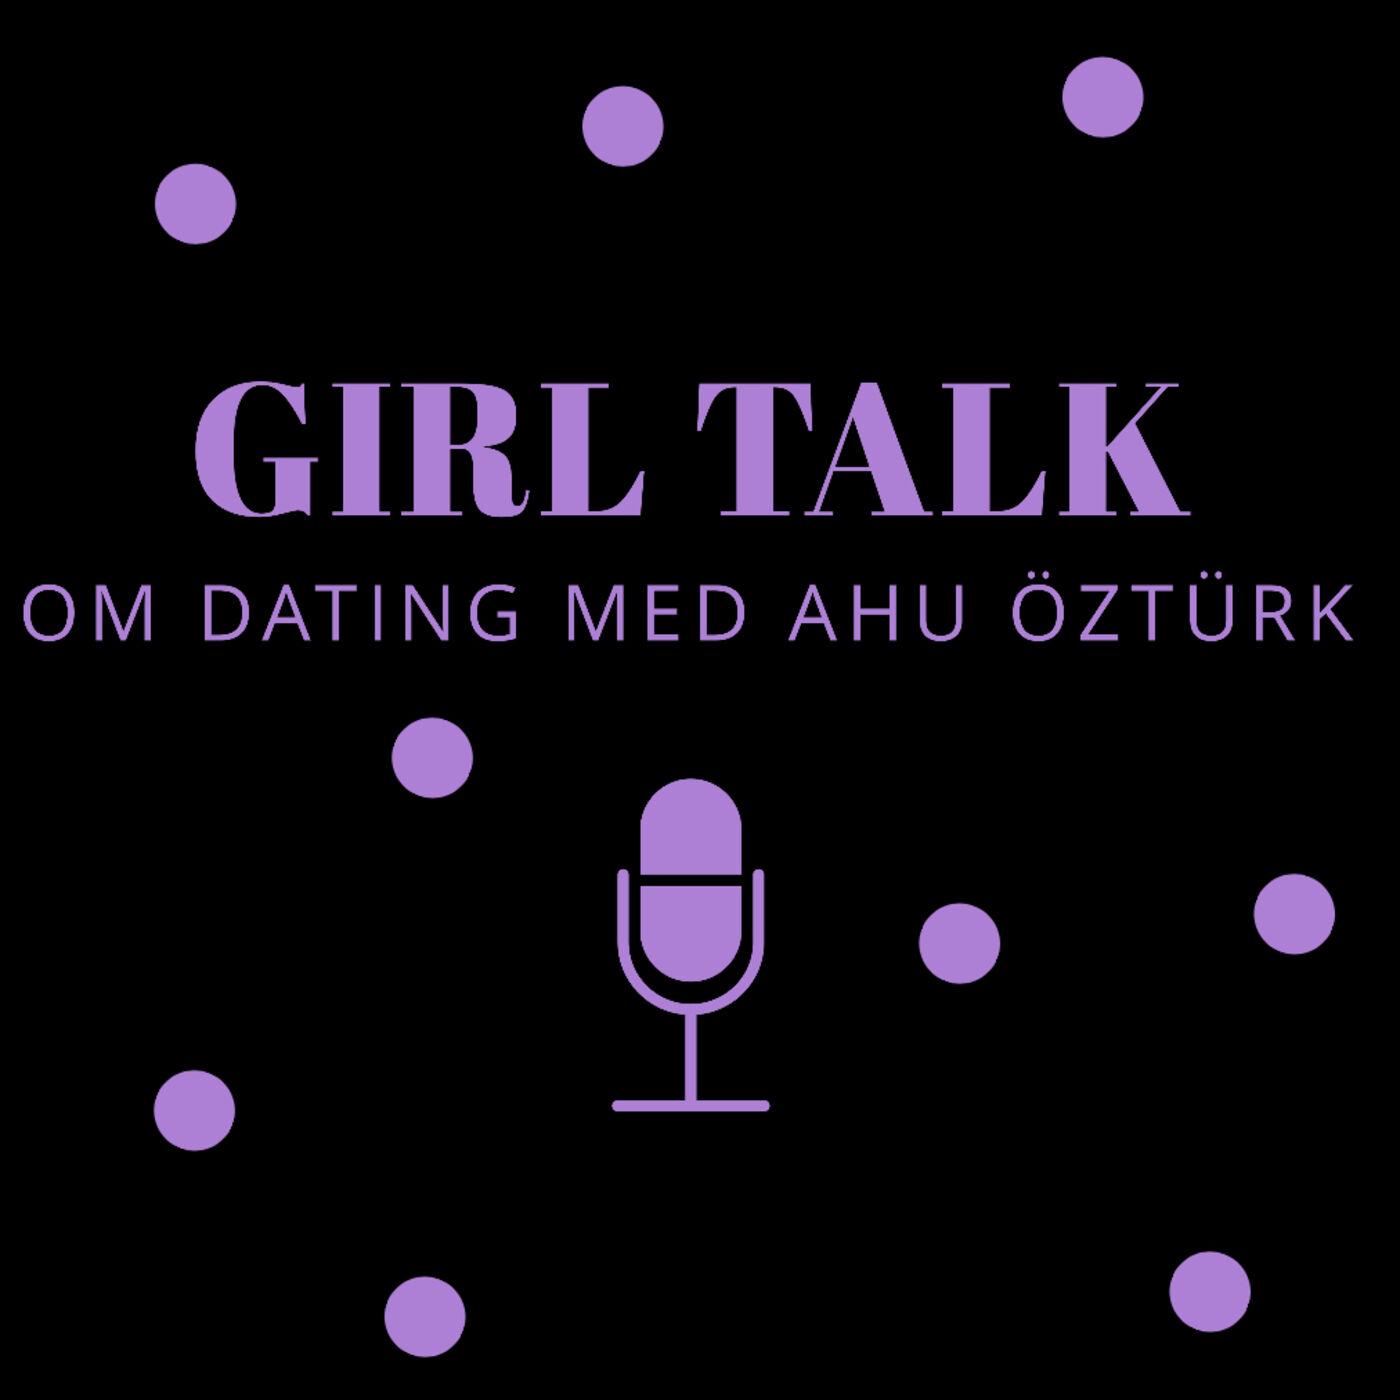 Girl Talk med Ahu Öztürk om Dating via Tinder